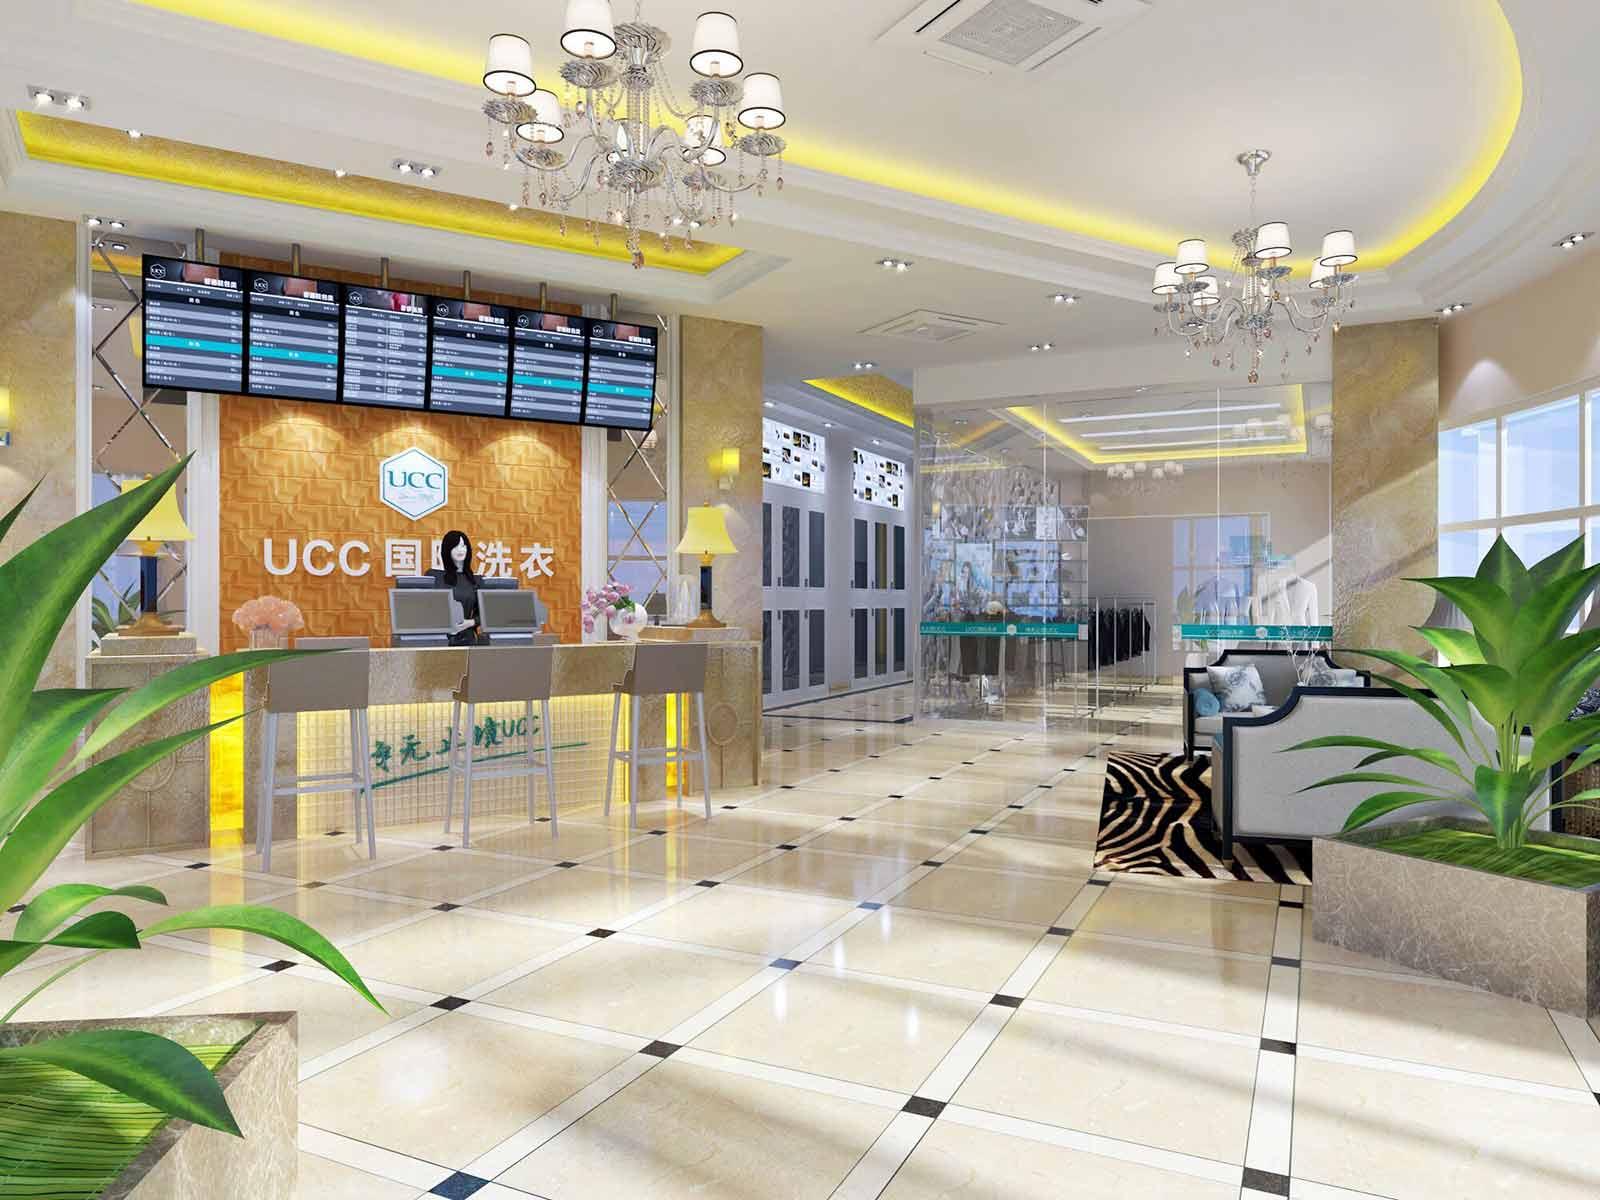 在市区开一家UCC国际洗衣有发展前景吗?